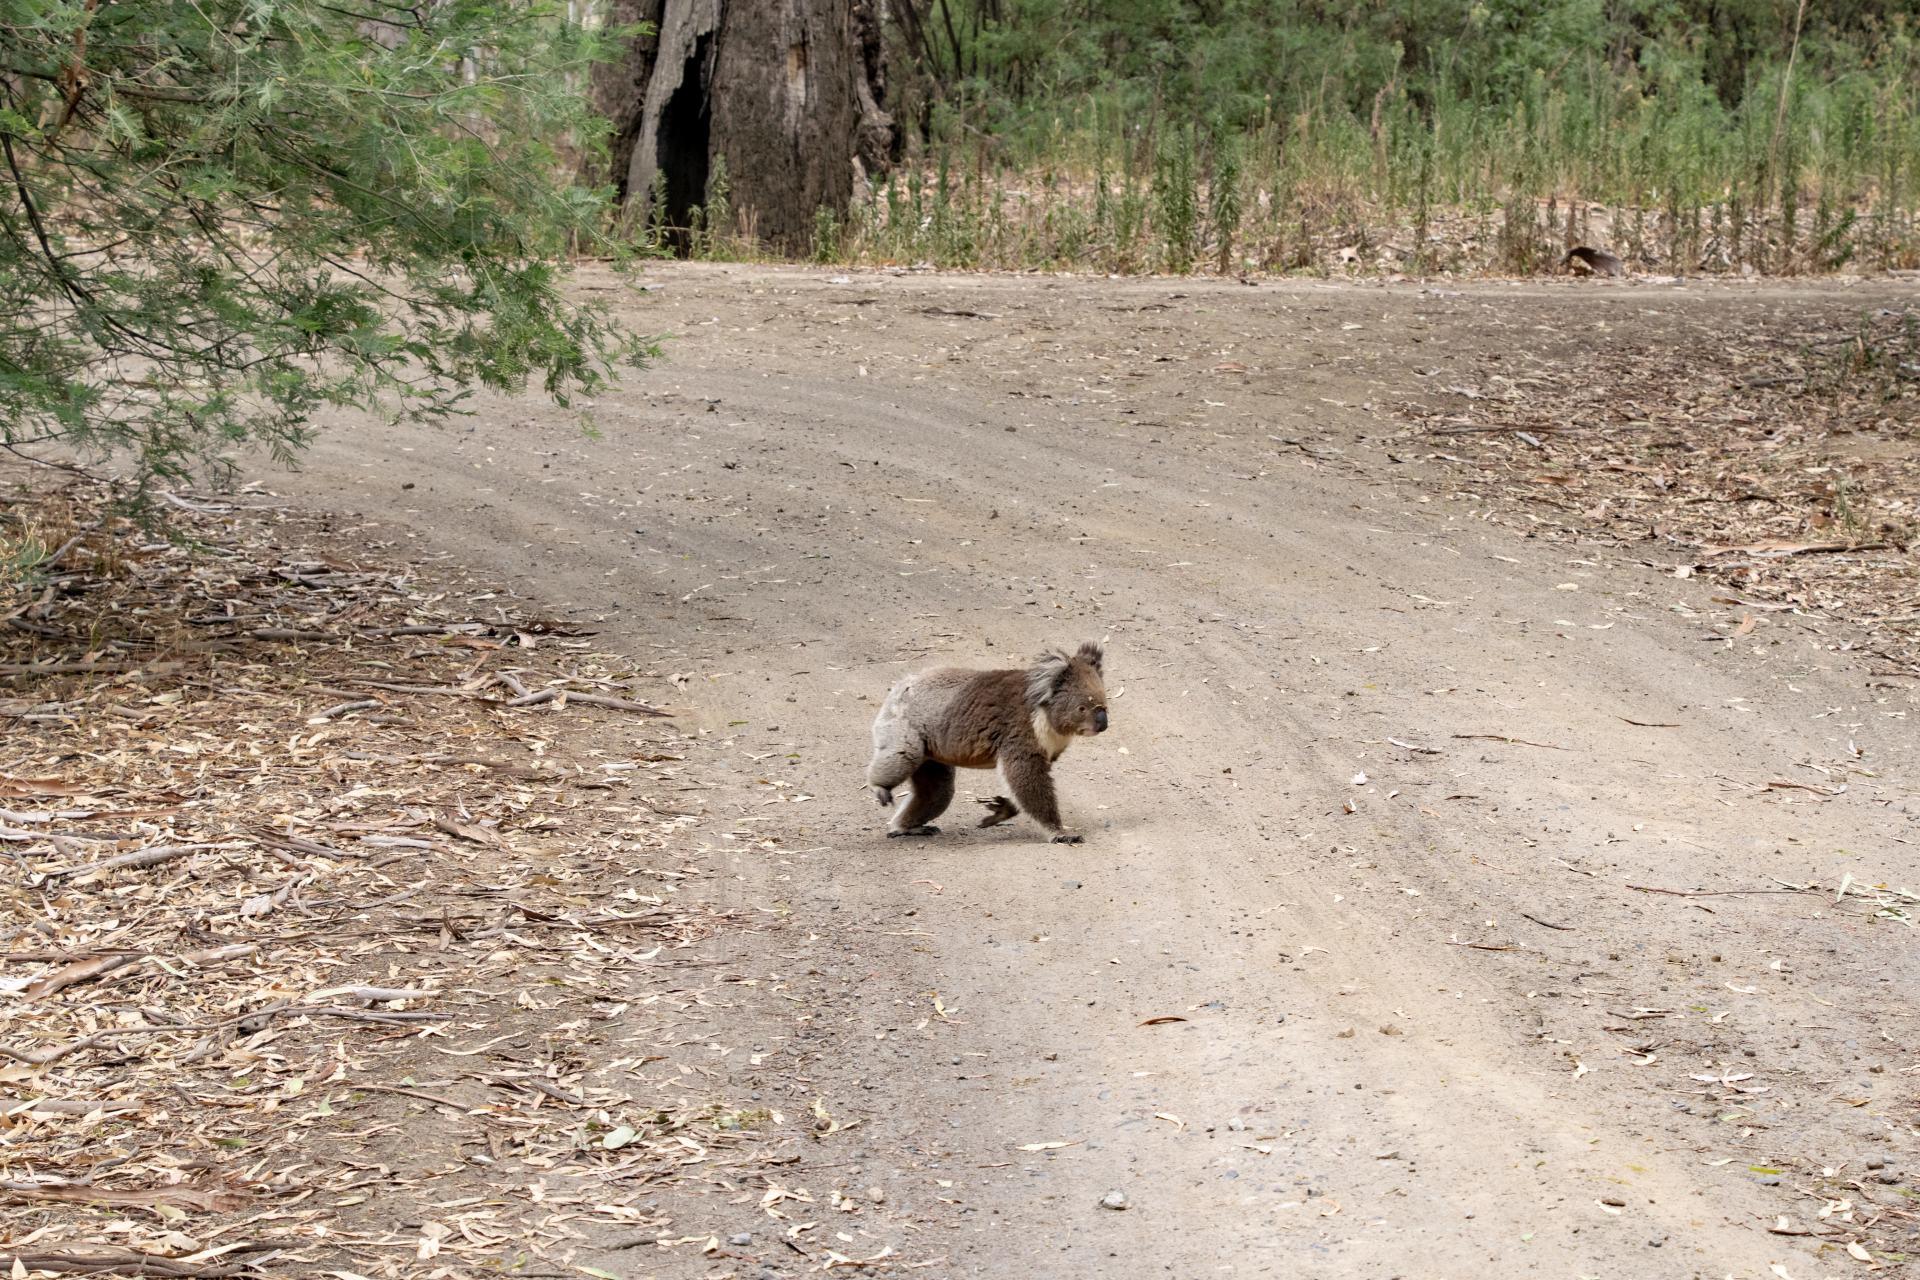 koala crossing the road on ulupna island